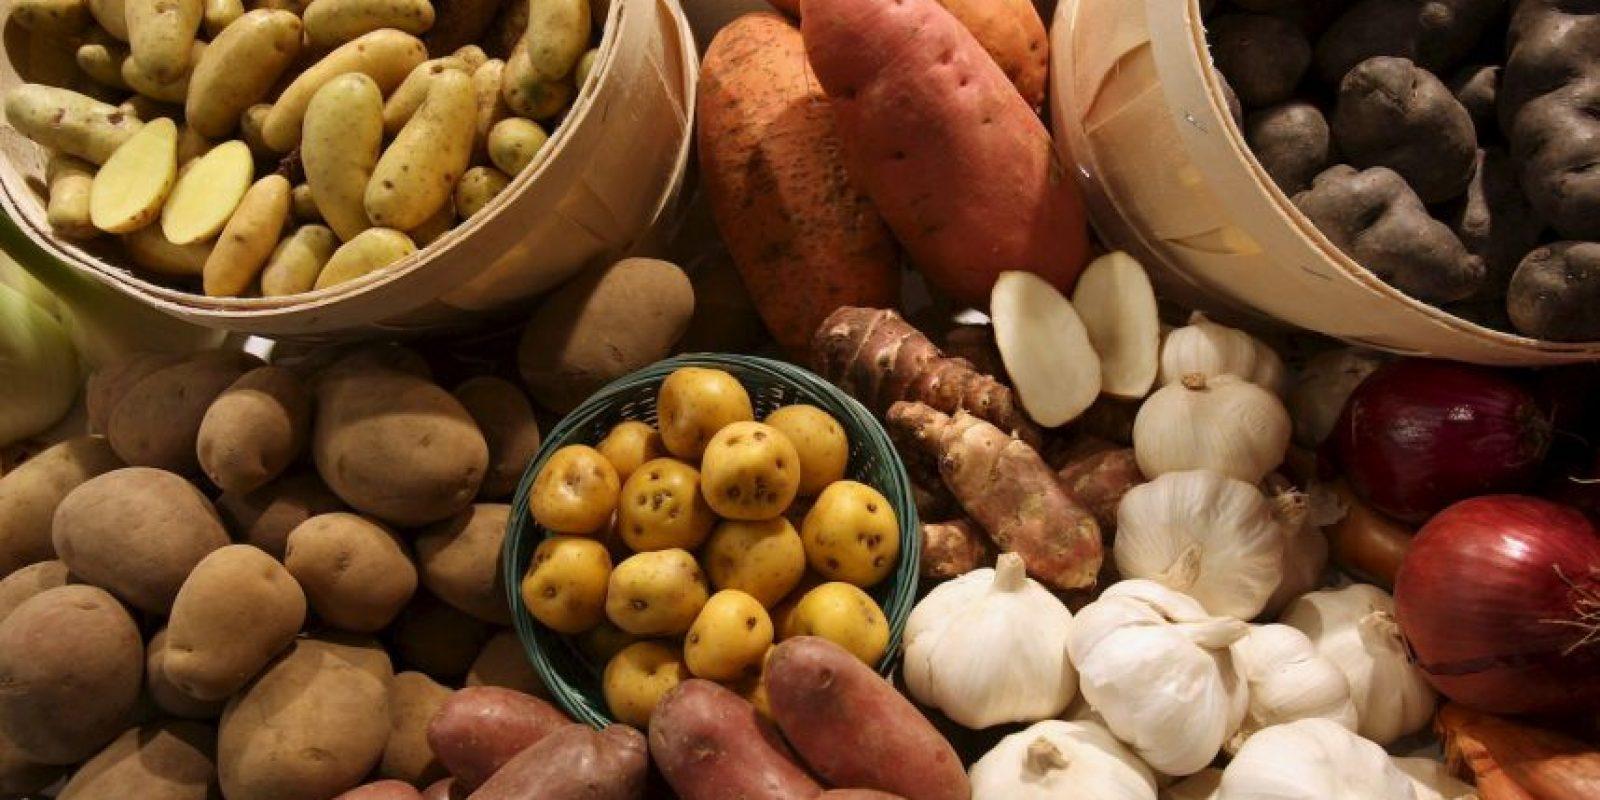 Además, también se mencionó que los granos enteros son alimentos saludables para la prevención de enfermedades crónicas como la diabetes tipo 2 y enfermedades cardiovasculares. Foto:Getty Images